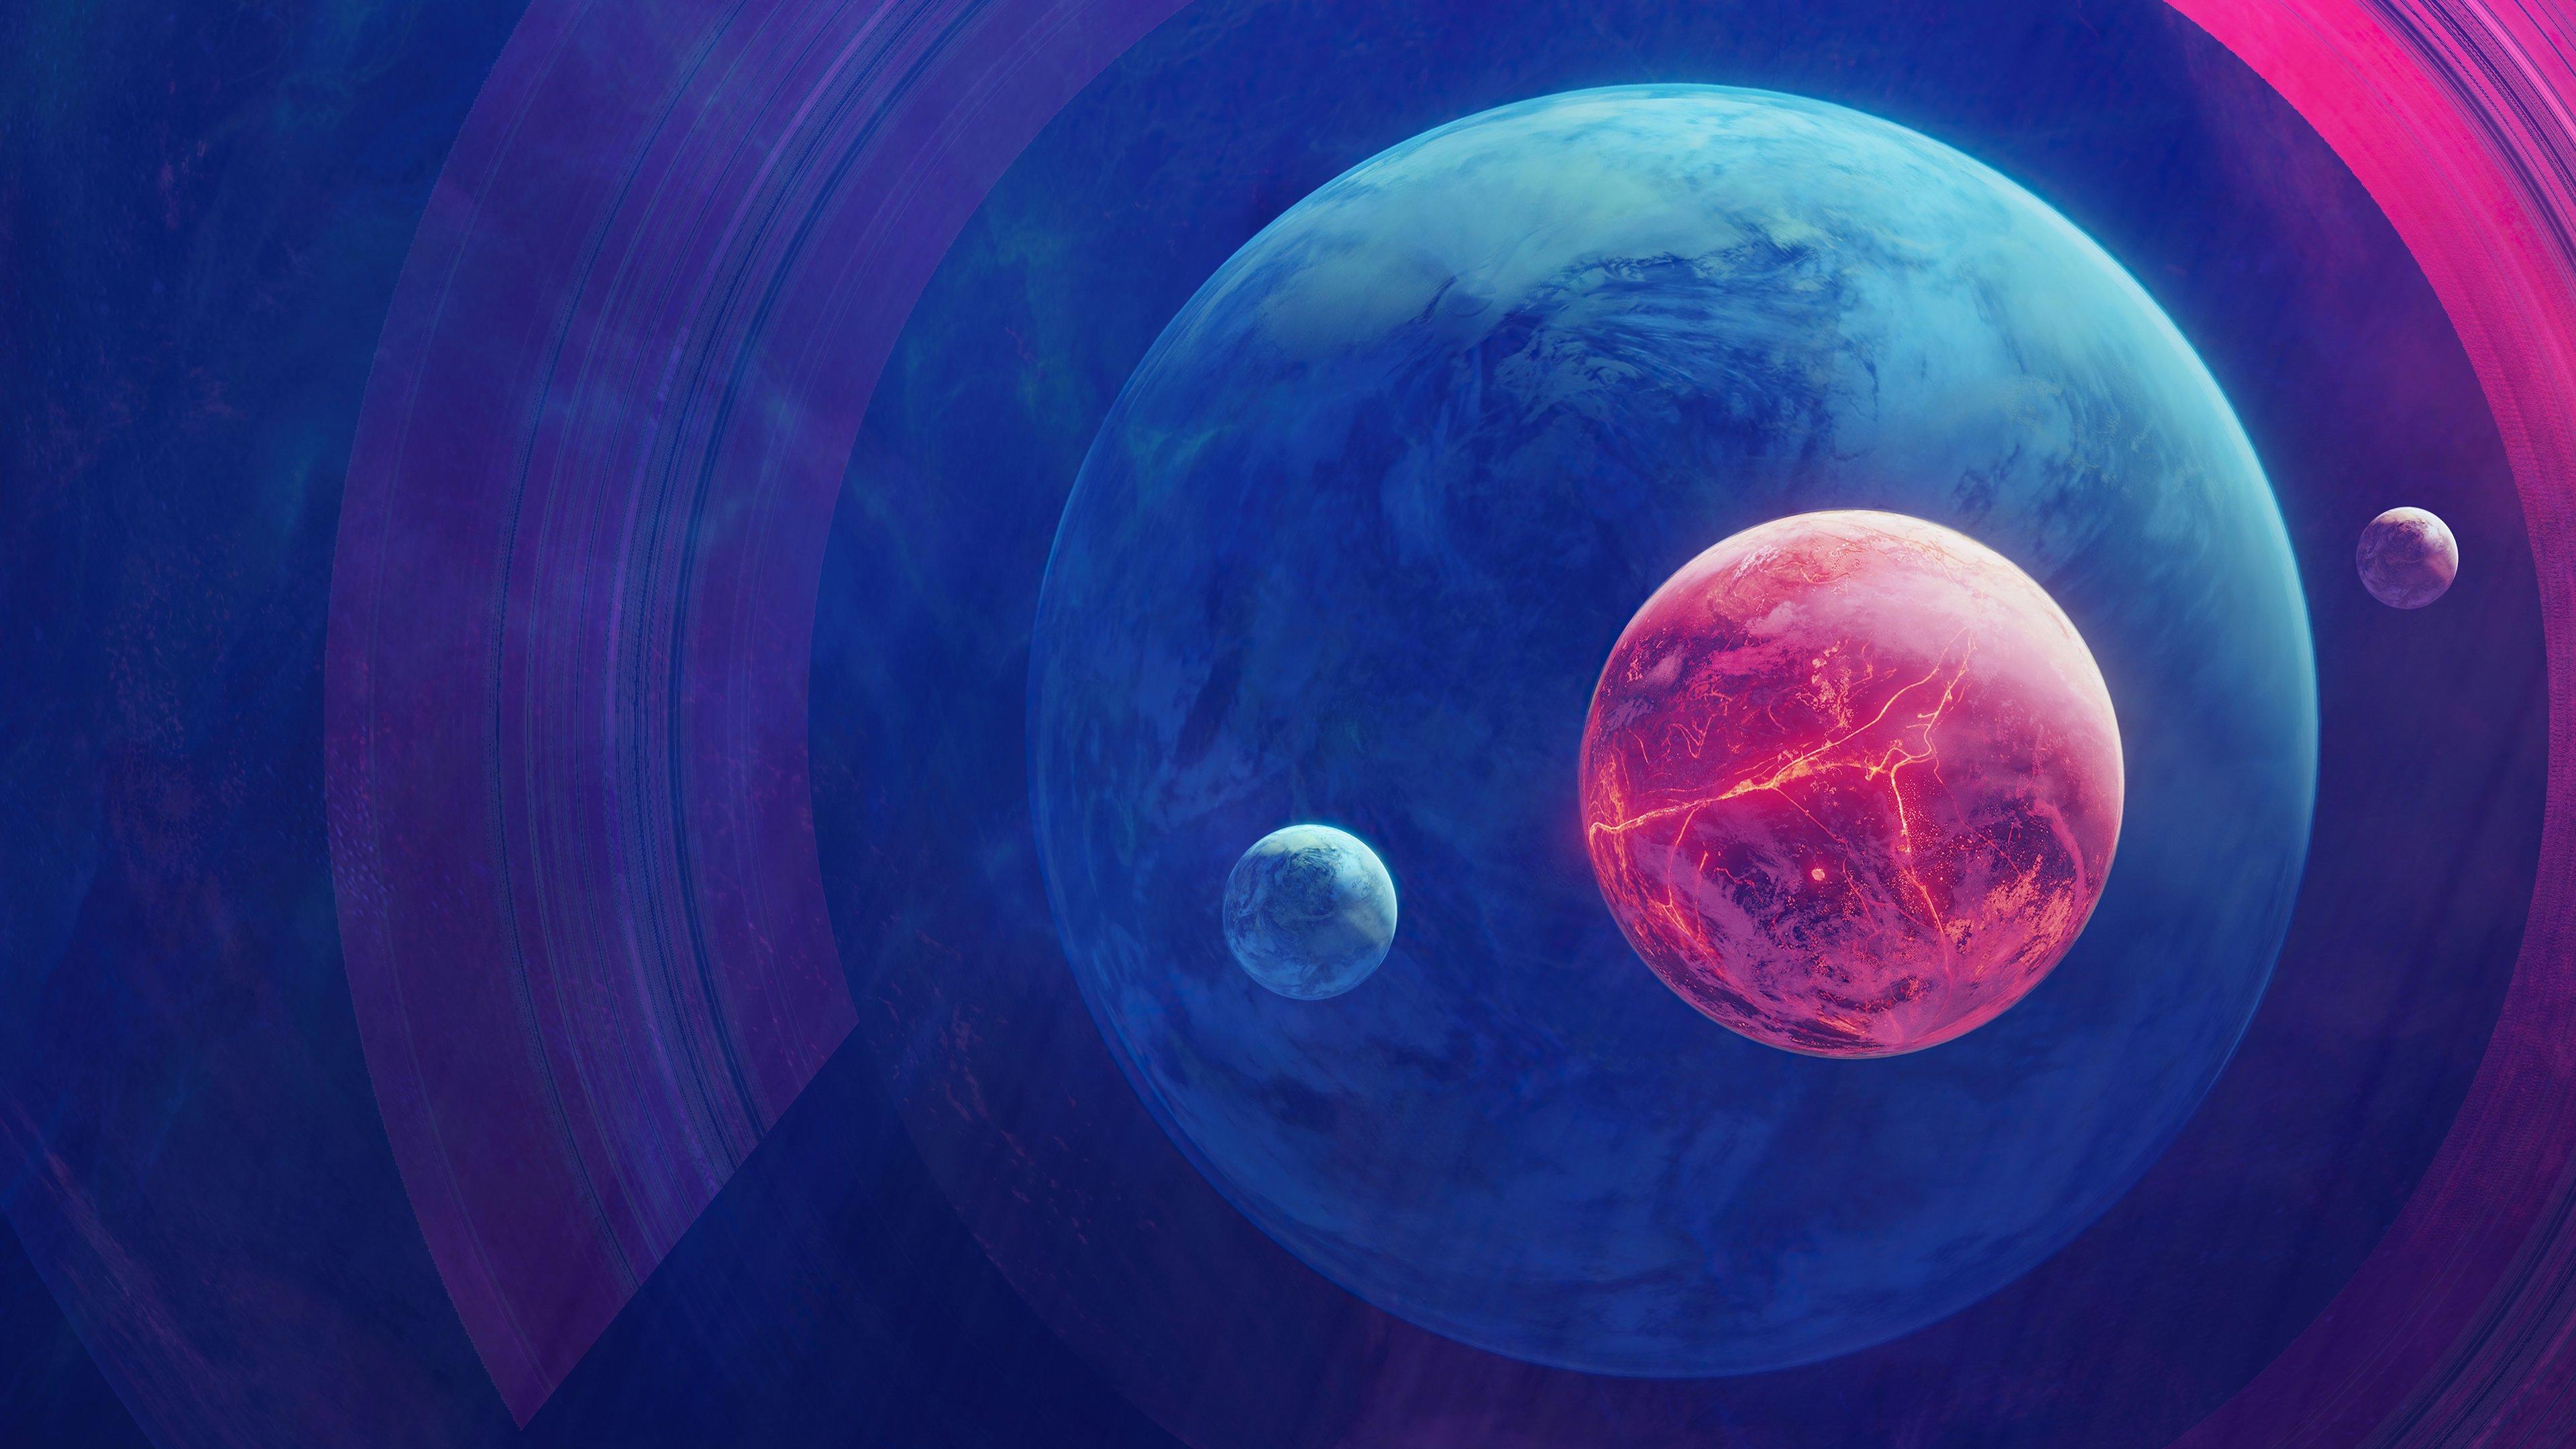 Fondos de pantalla Planetas con lunas Arte Digital